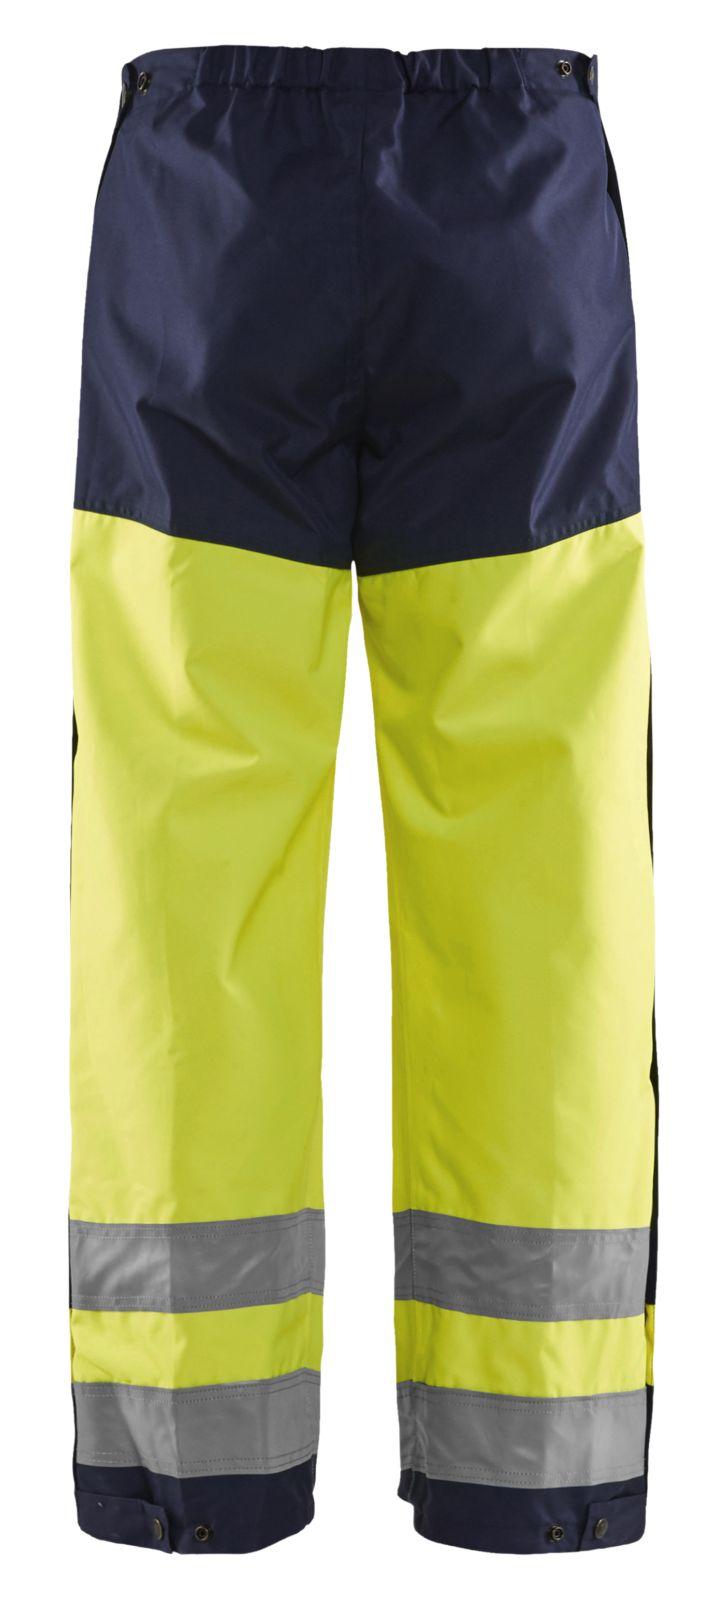 Blaklader Regenbroeken 18651977 High Vis geel-marineblauw(3389)